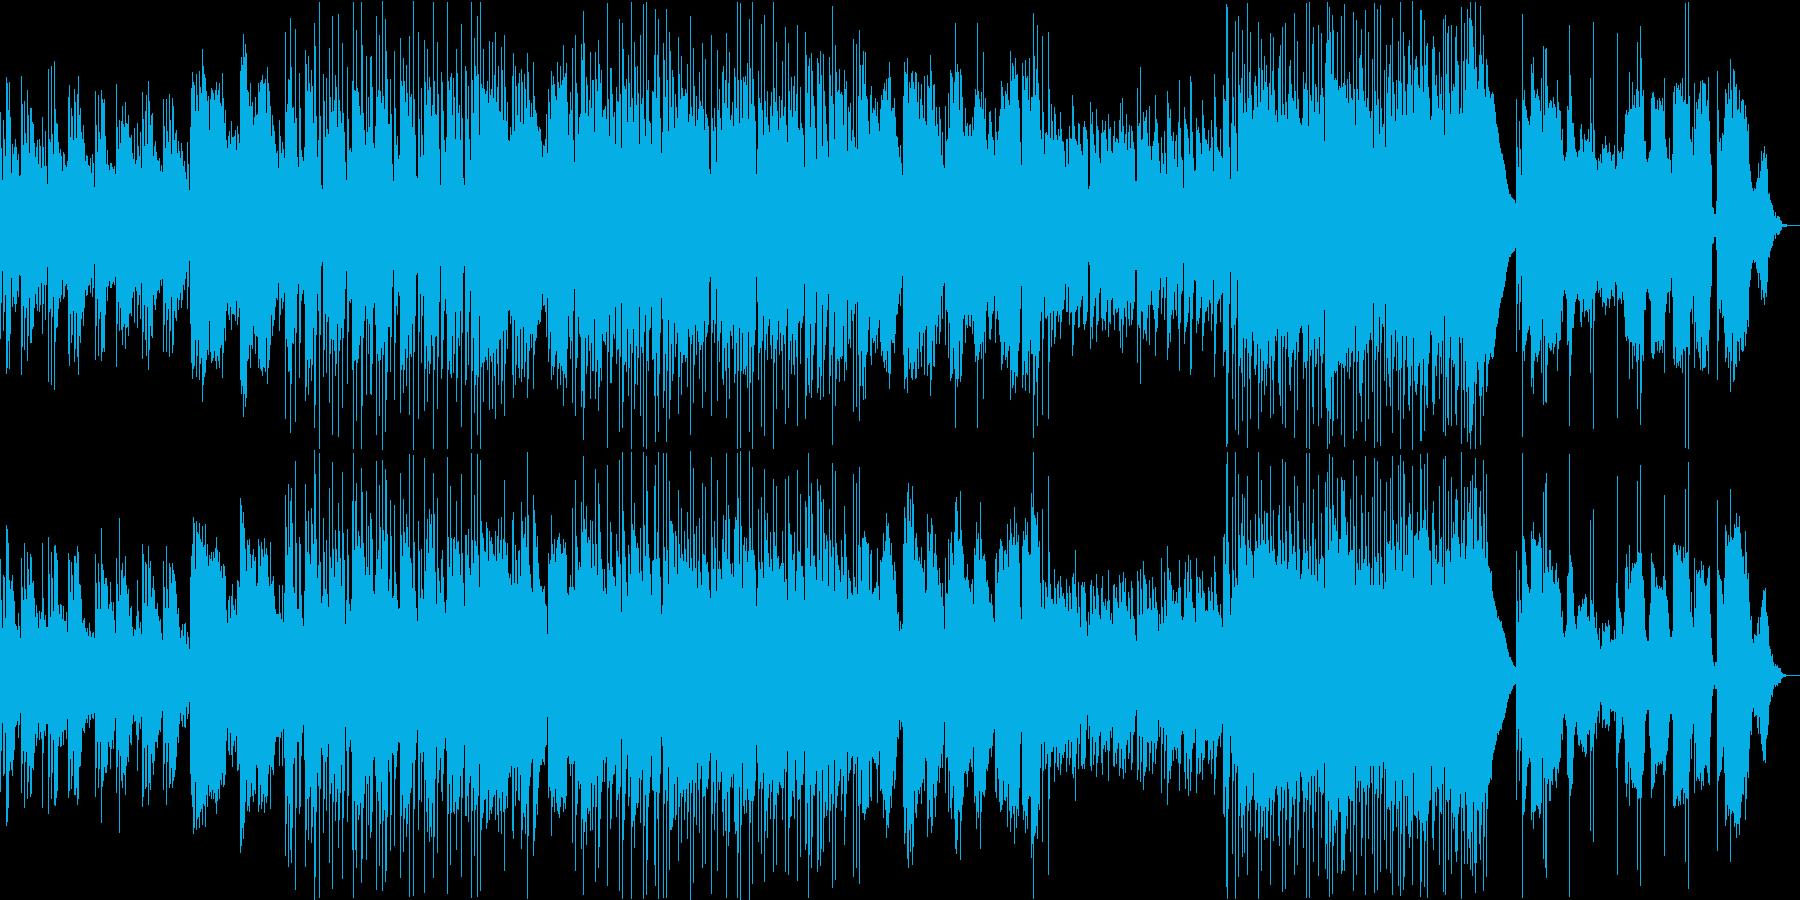 筝の生演奏を取り入れた穏やかな和風曲の再生済みの波形